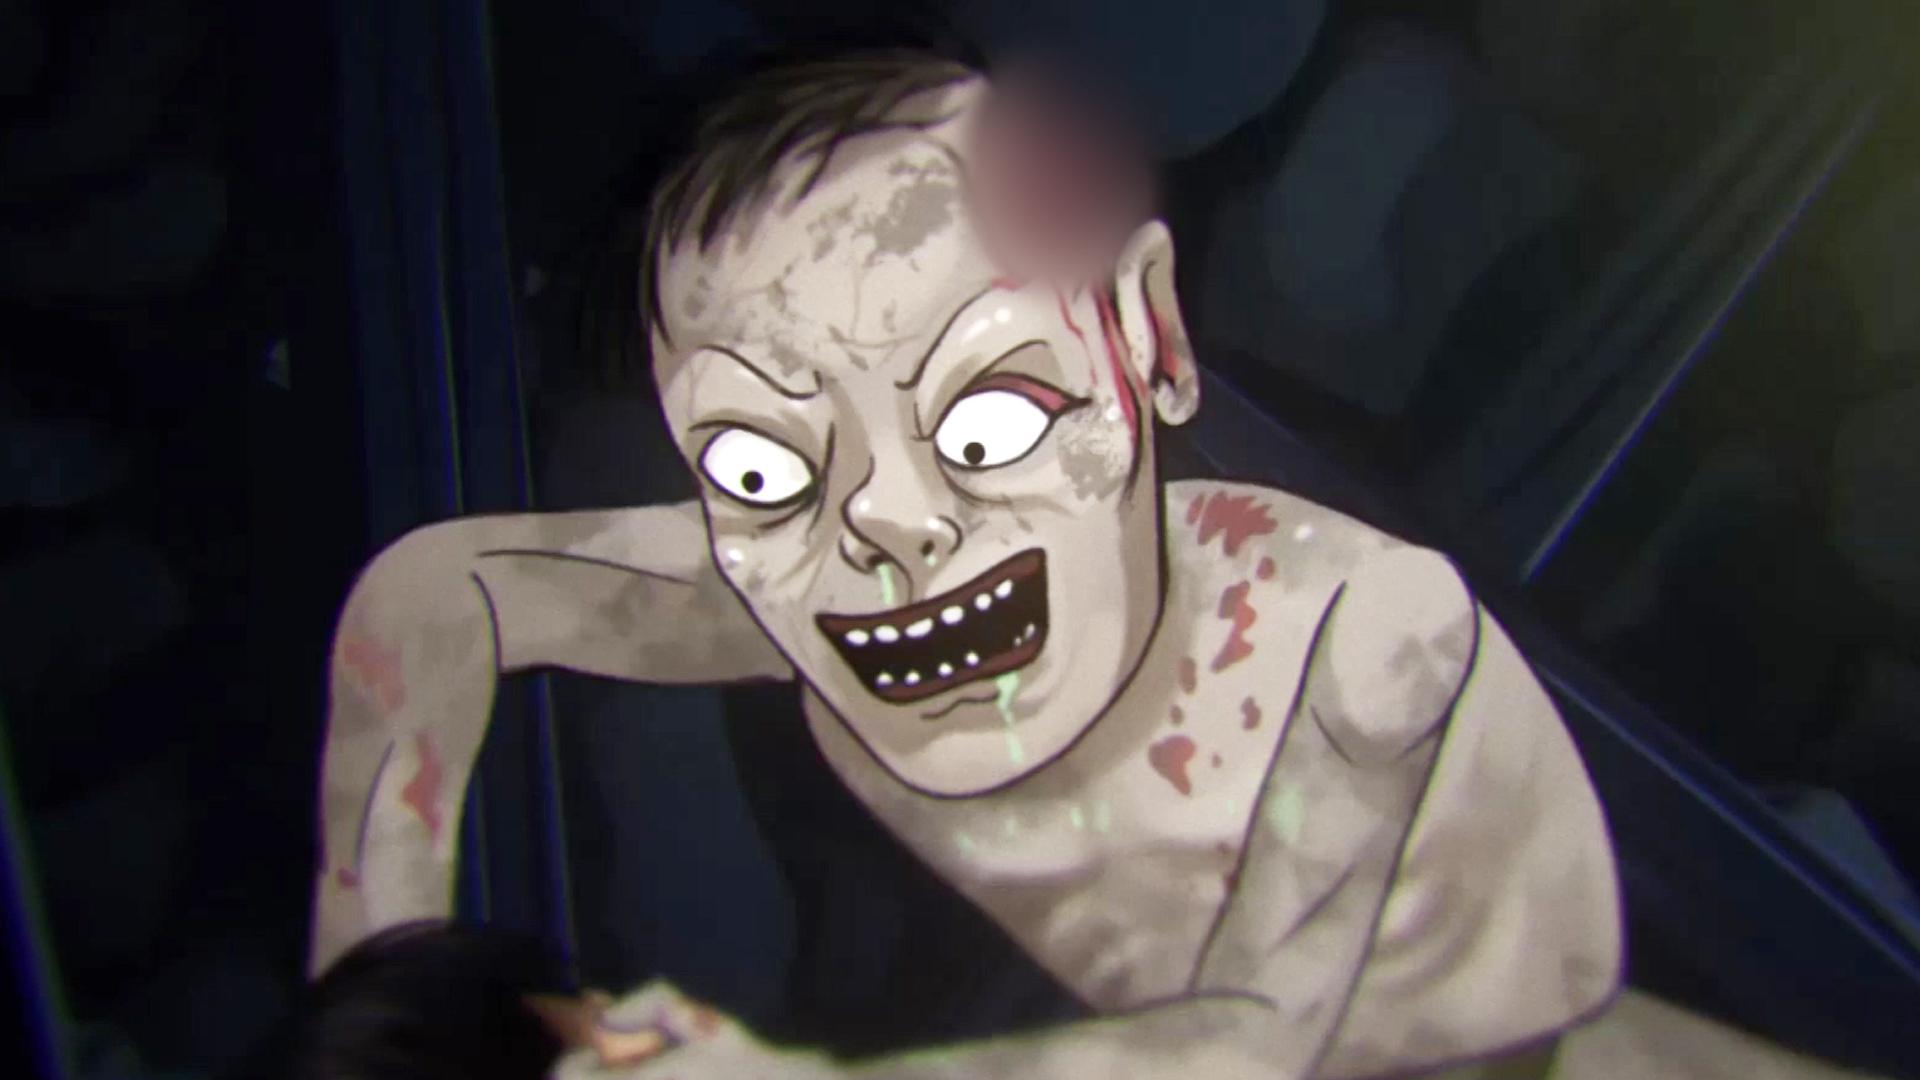 蒙古国制作的超猎奇游戏,呼吁玩家关注人口贩卖问题!